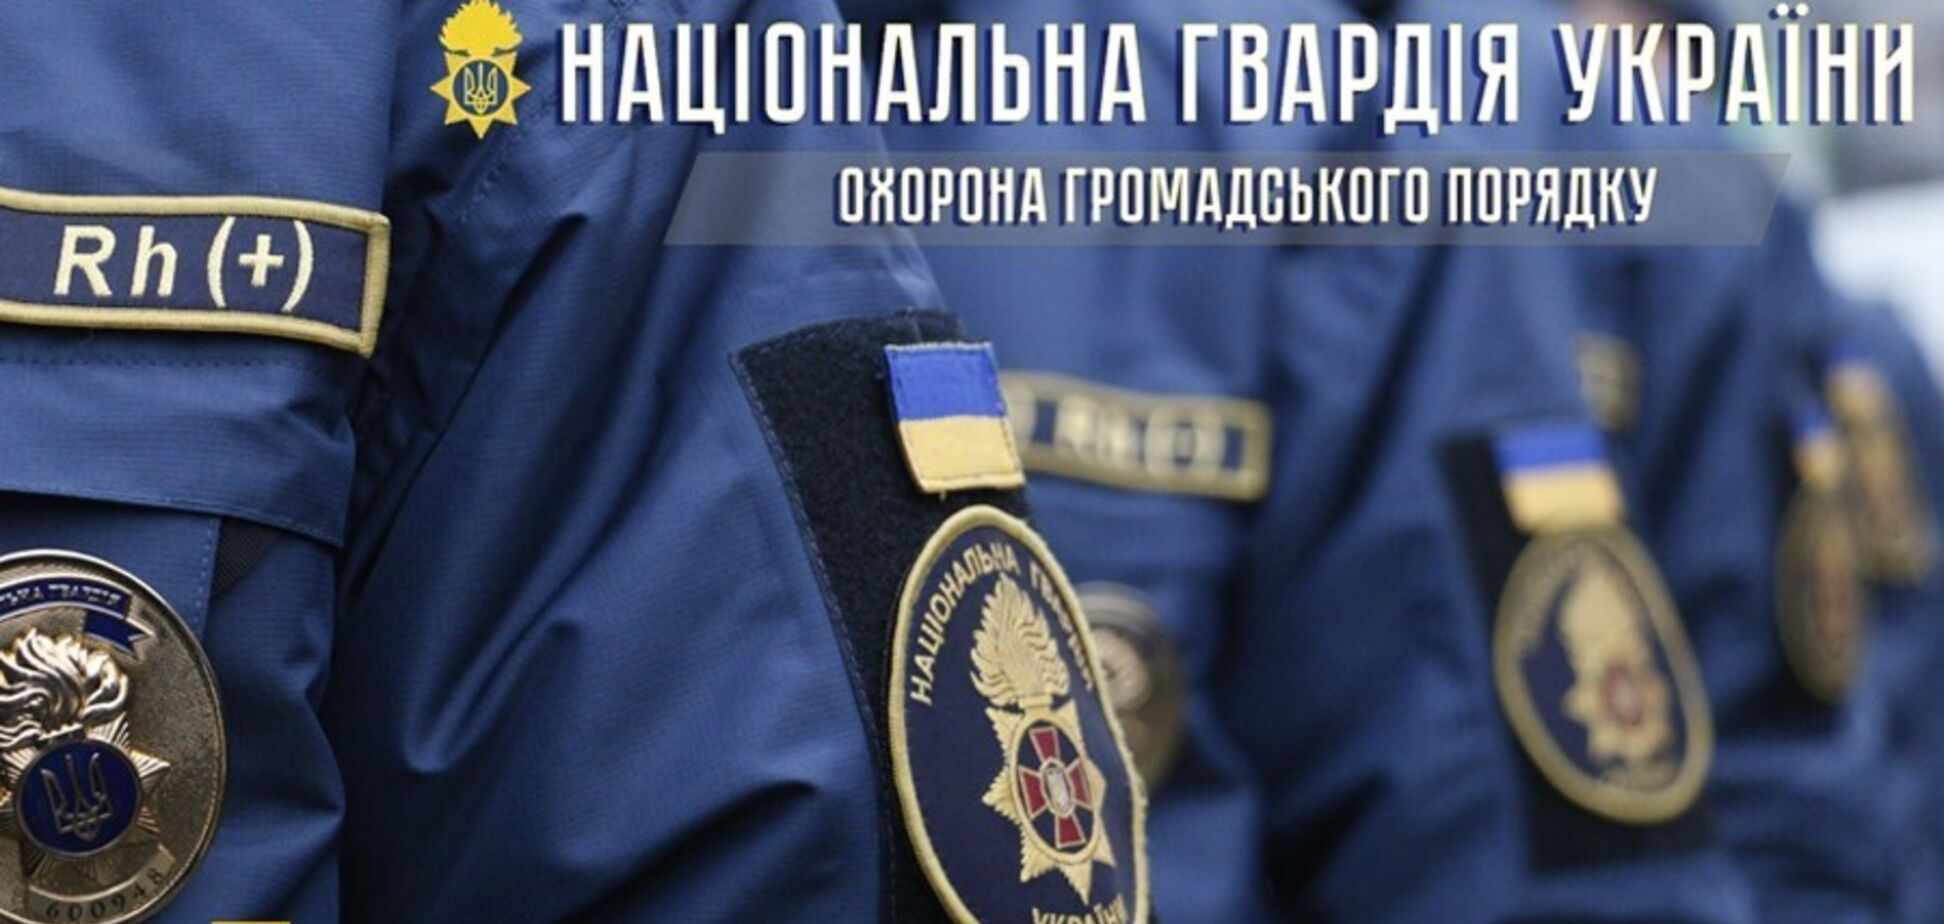 Нацгвардейцы в Одессе задержали неадеквата с мачете